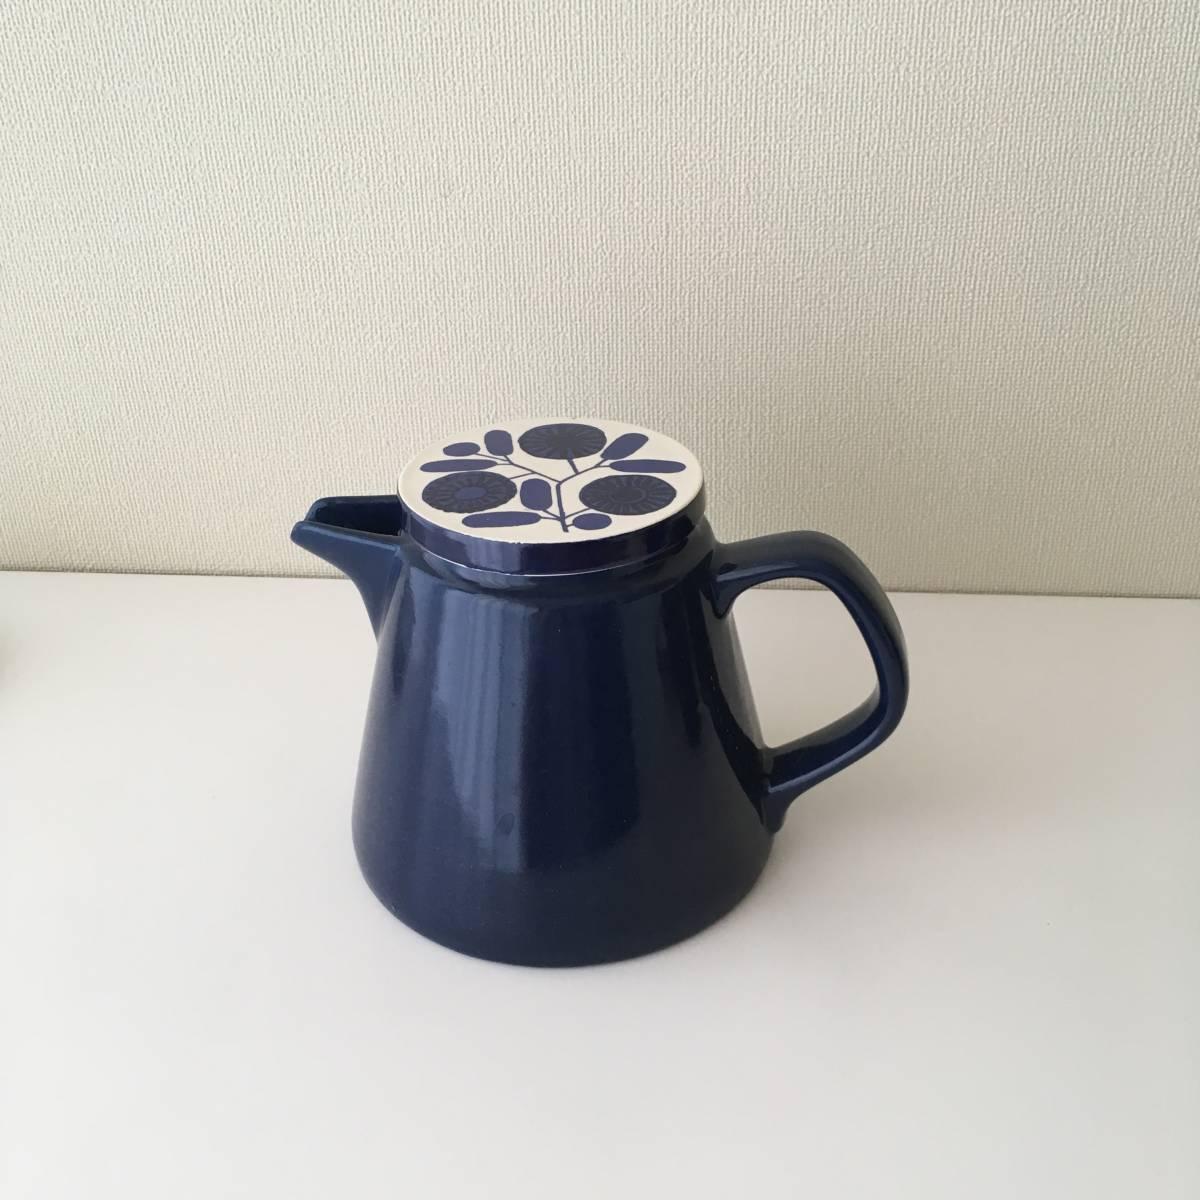 北欧ヴィンテージ ビンテージ 北欧雑貨 コーヒーポット フィルター 陶器製_画像2